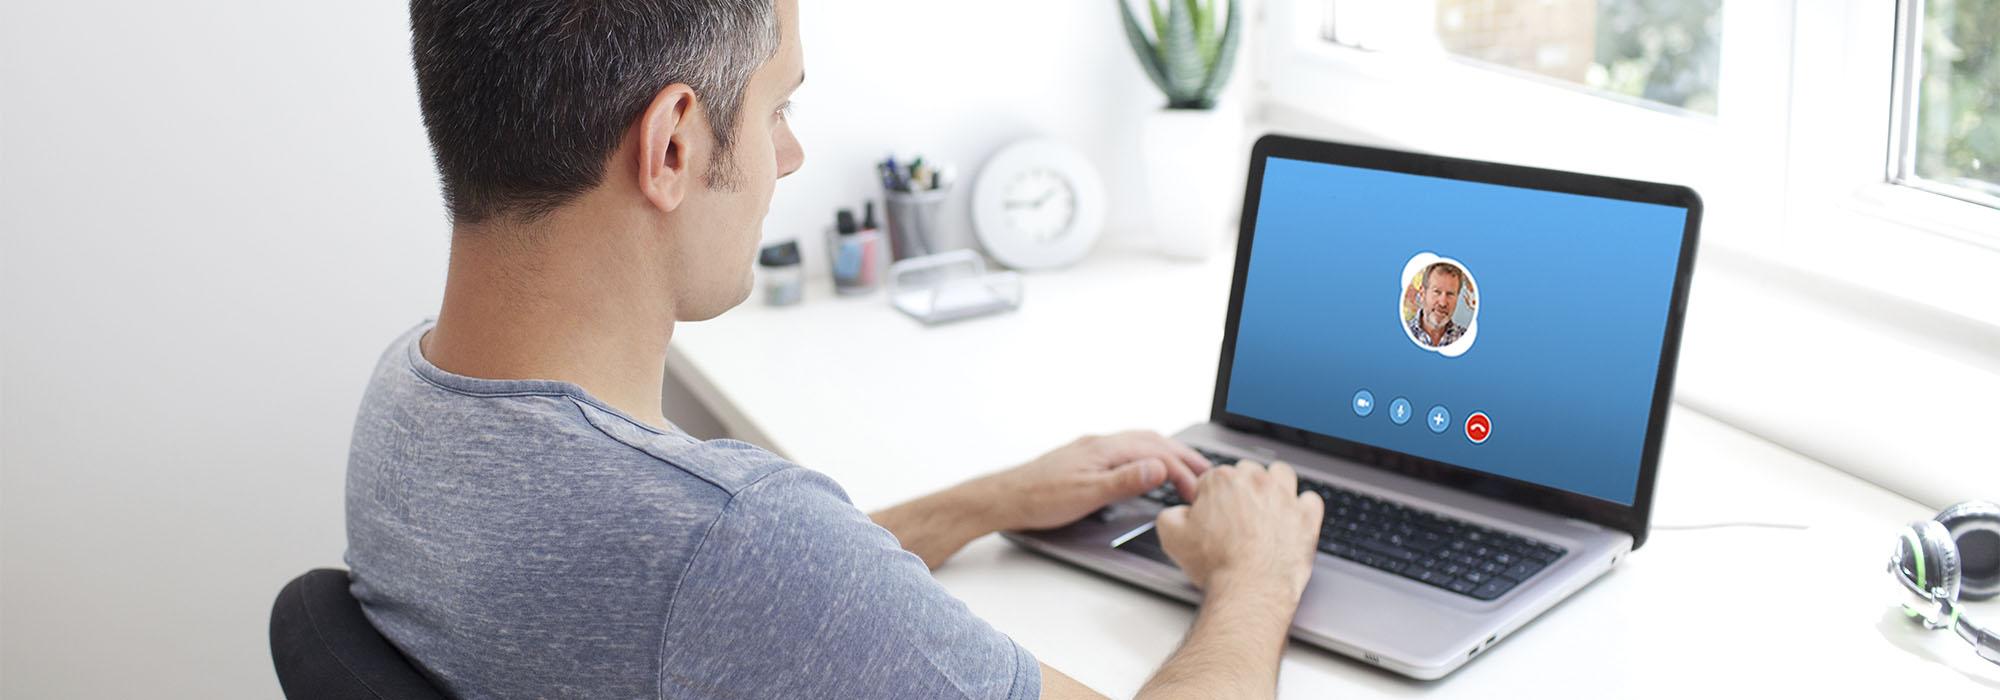 Aprende inglés desde casa por Skype con el profesor Paul Kelly